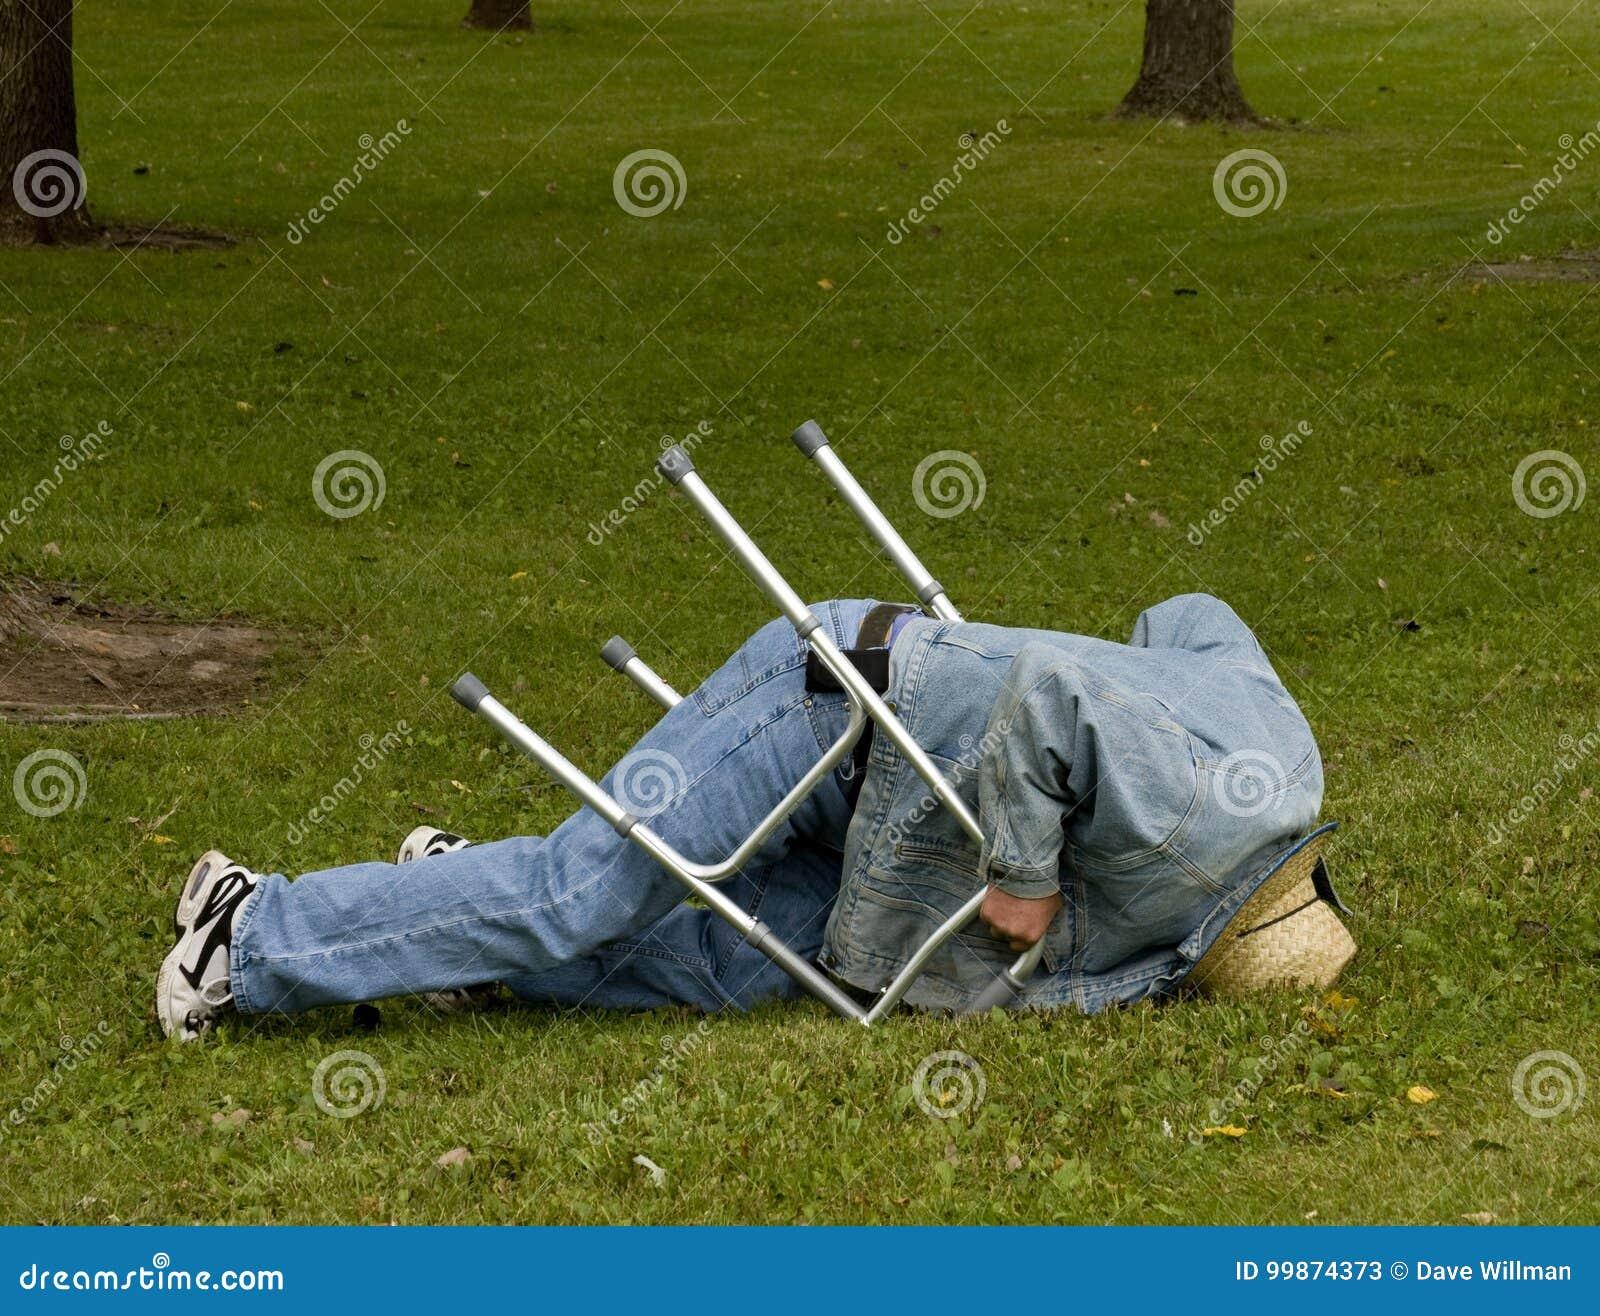 Accidente con un caminante